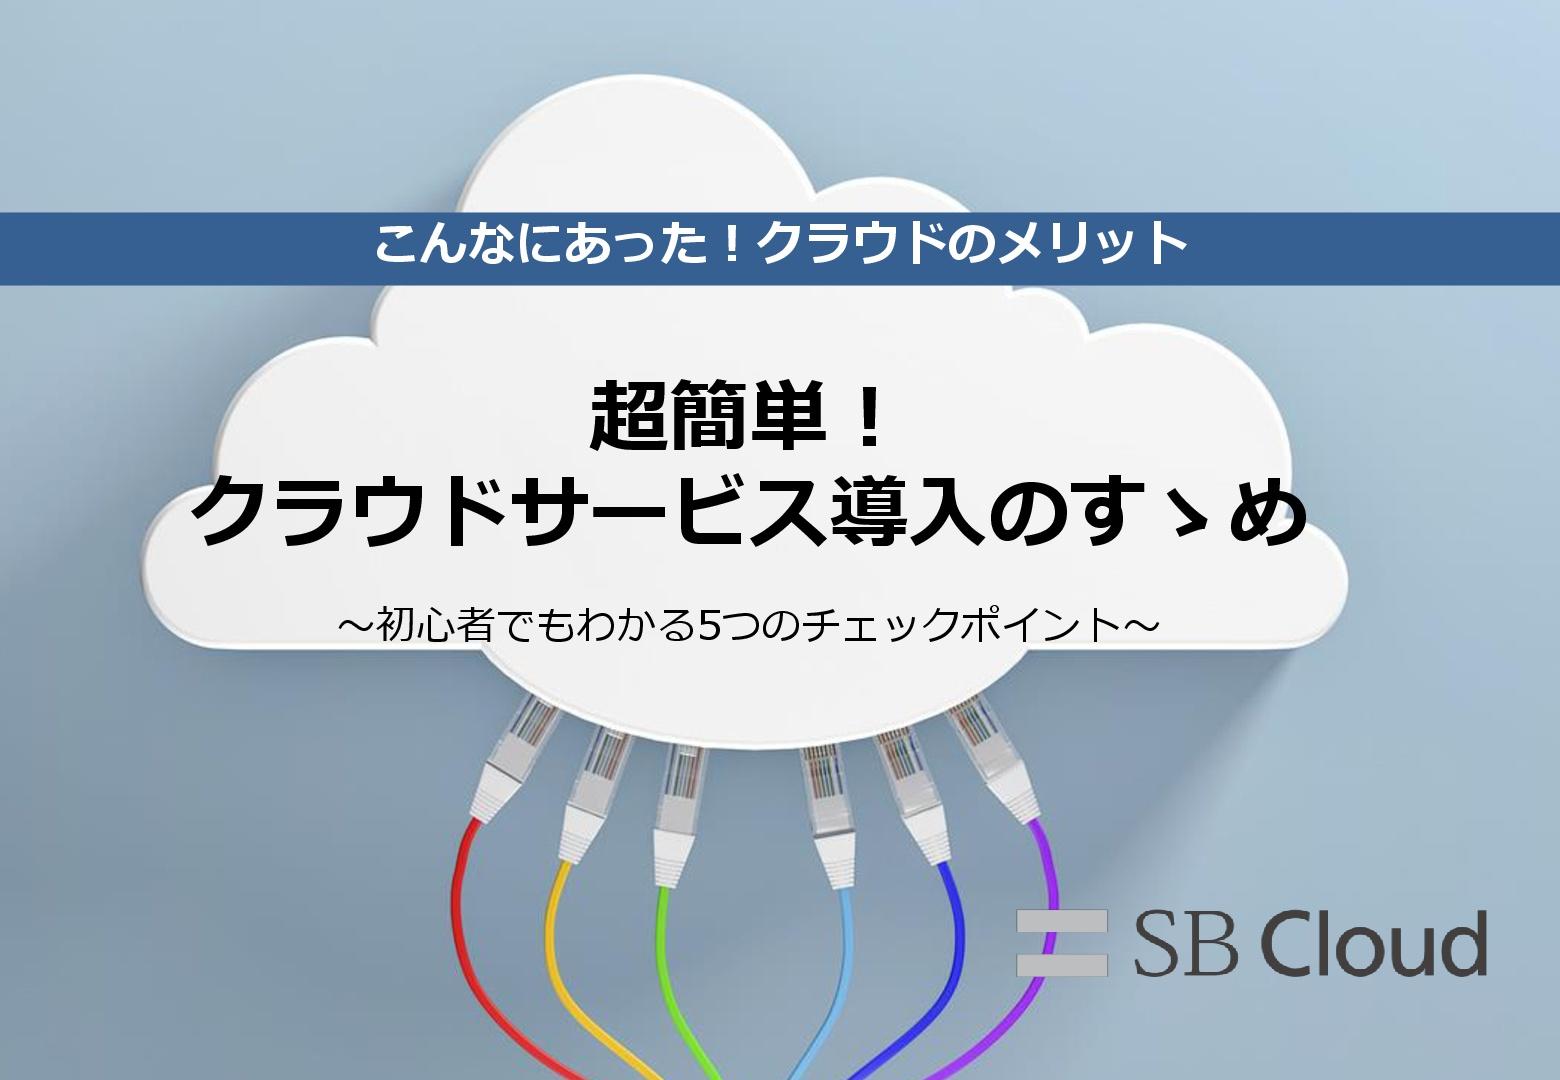 SBクラウド株式会社